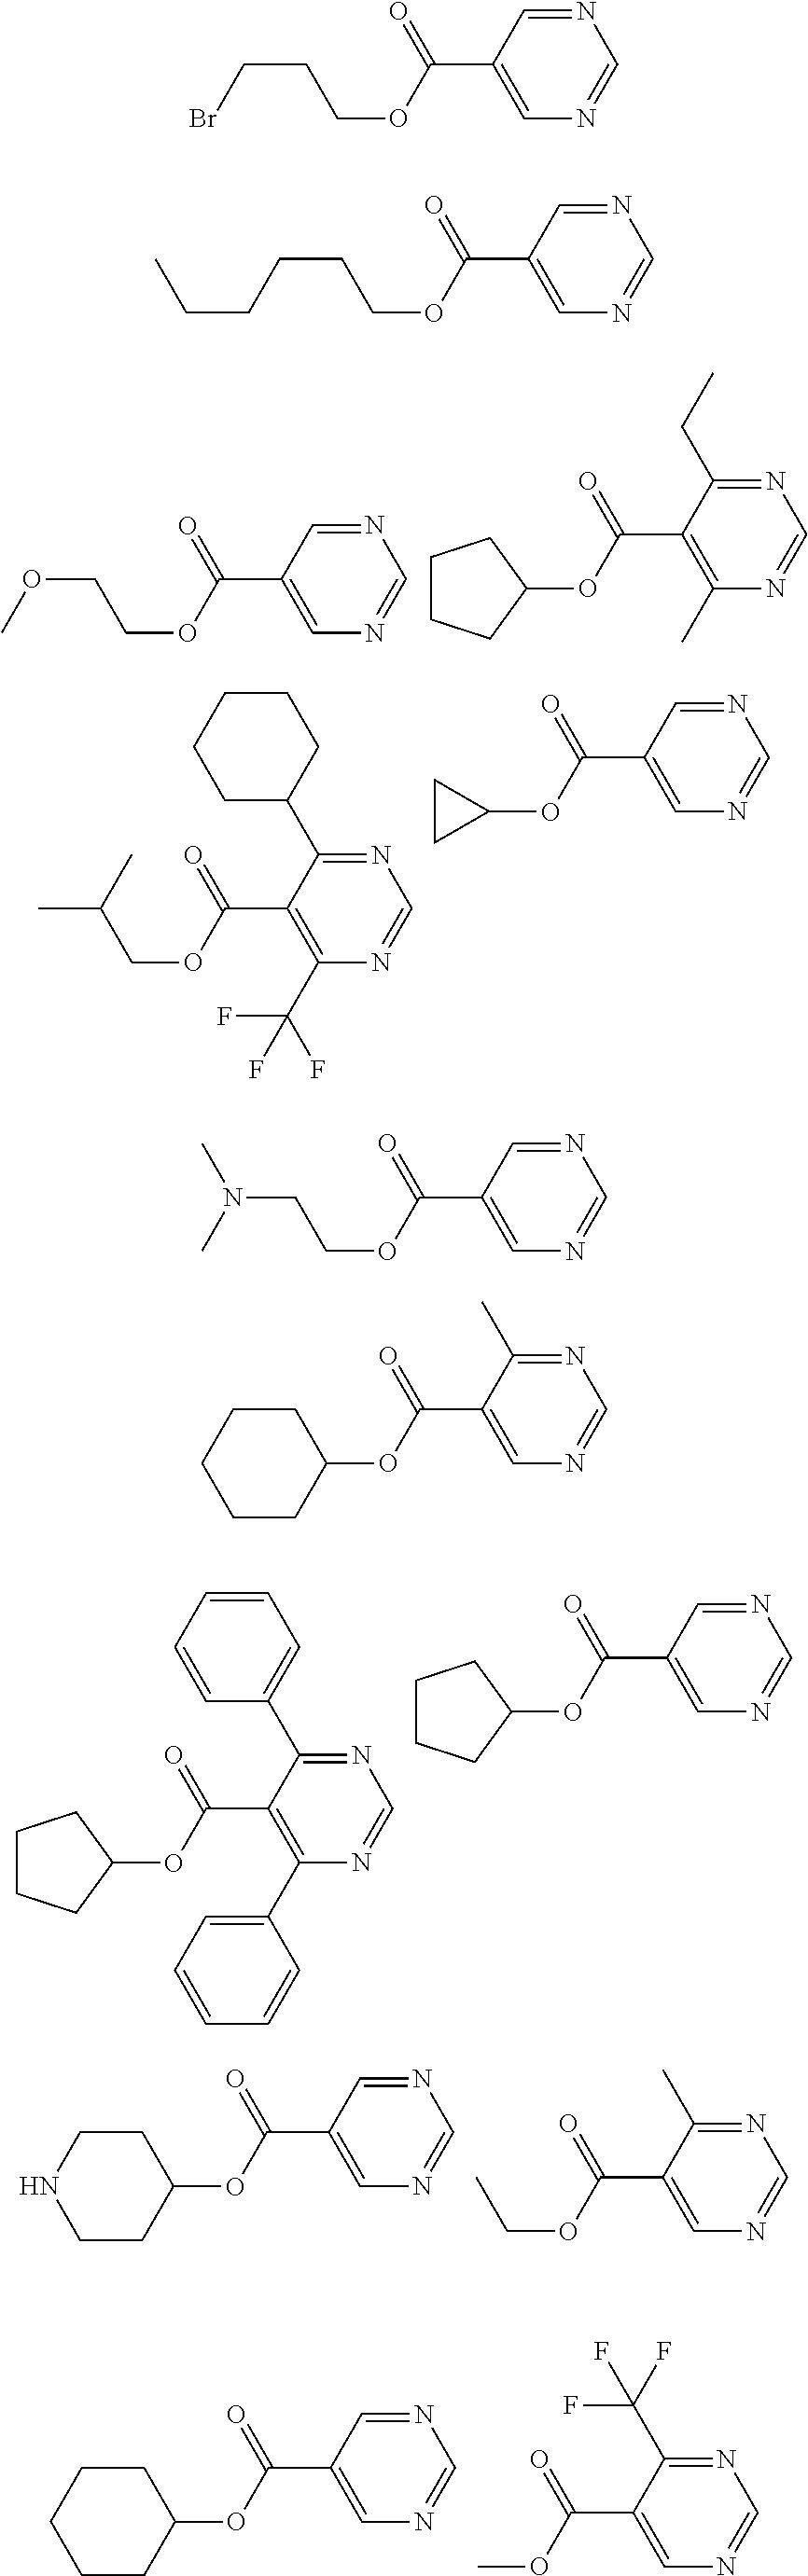 Figure US20100015382A1-20100121-C00006